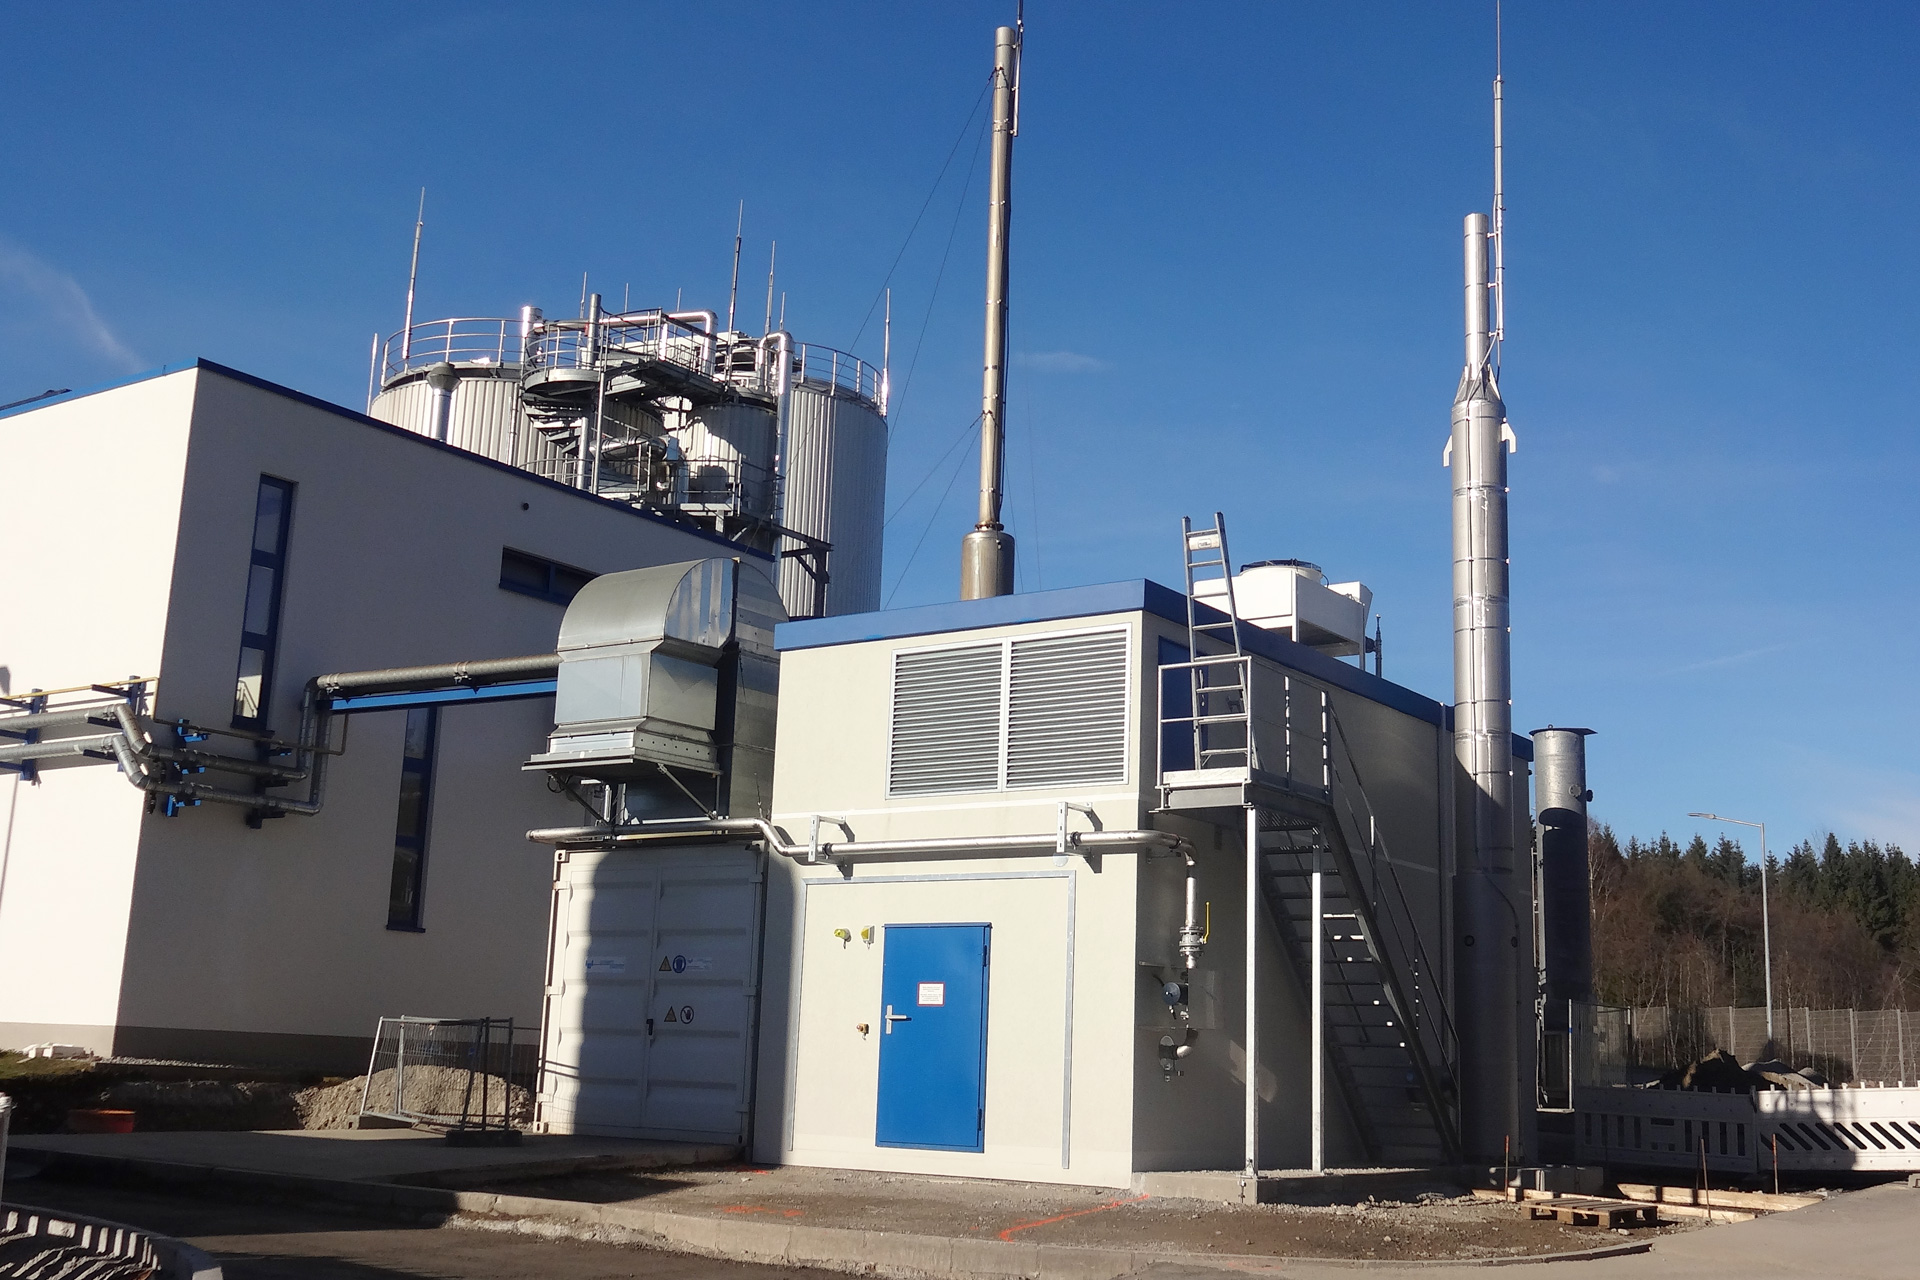 Referenzen, Blockheizkraftwerke, Klärgas - BHKW 0,55 MW